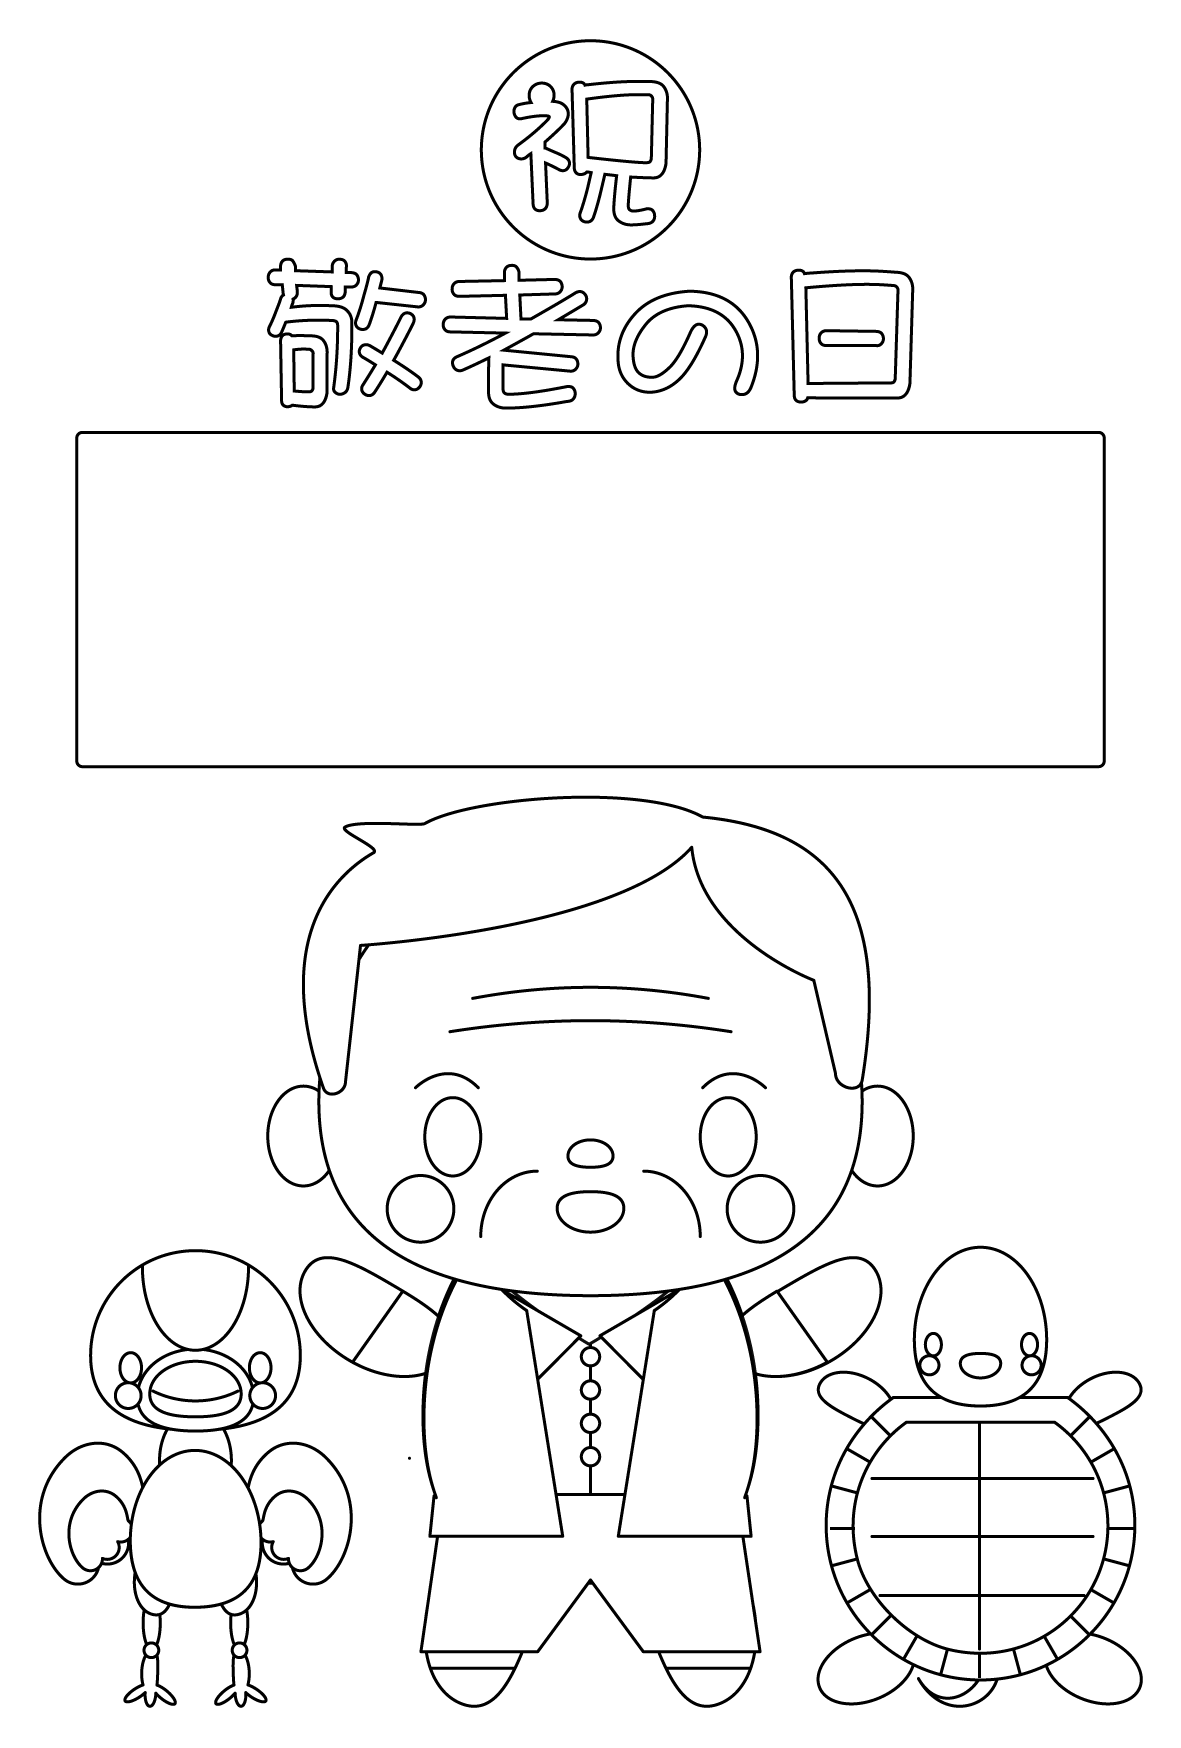 塗り絵に最適な白黒でかわいい敬老の日(おじいちゃん)メッセージカードの無料イラスト・商用フリー